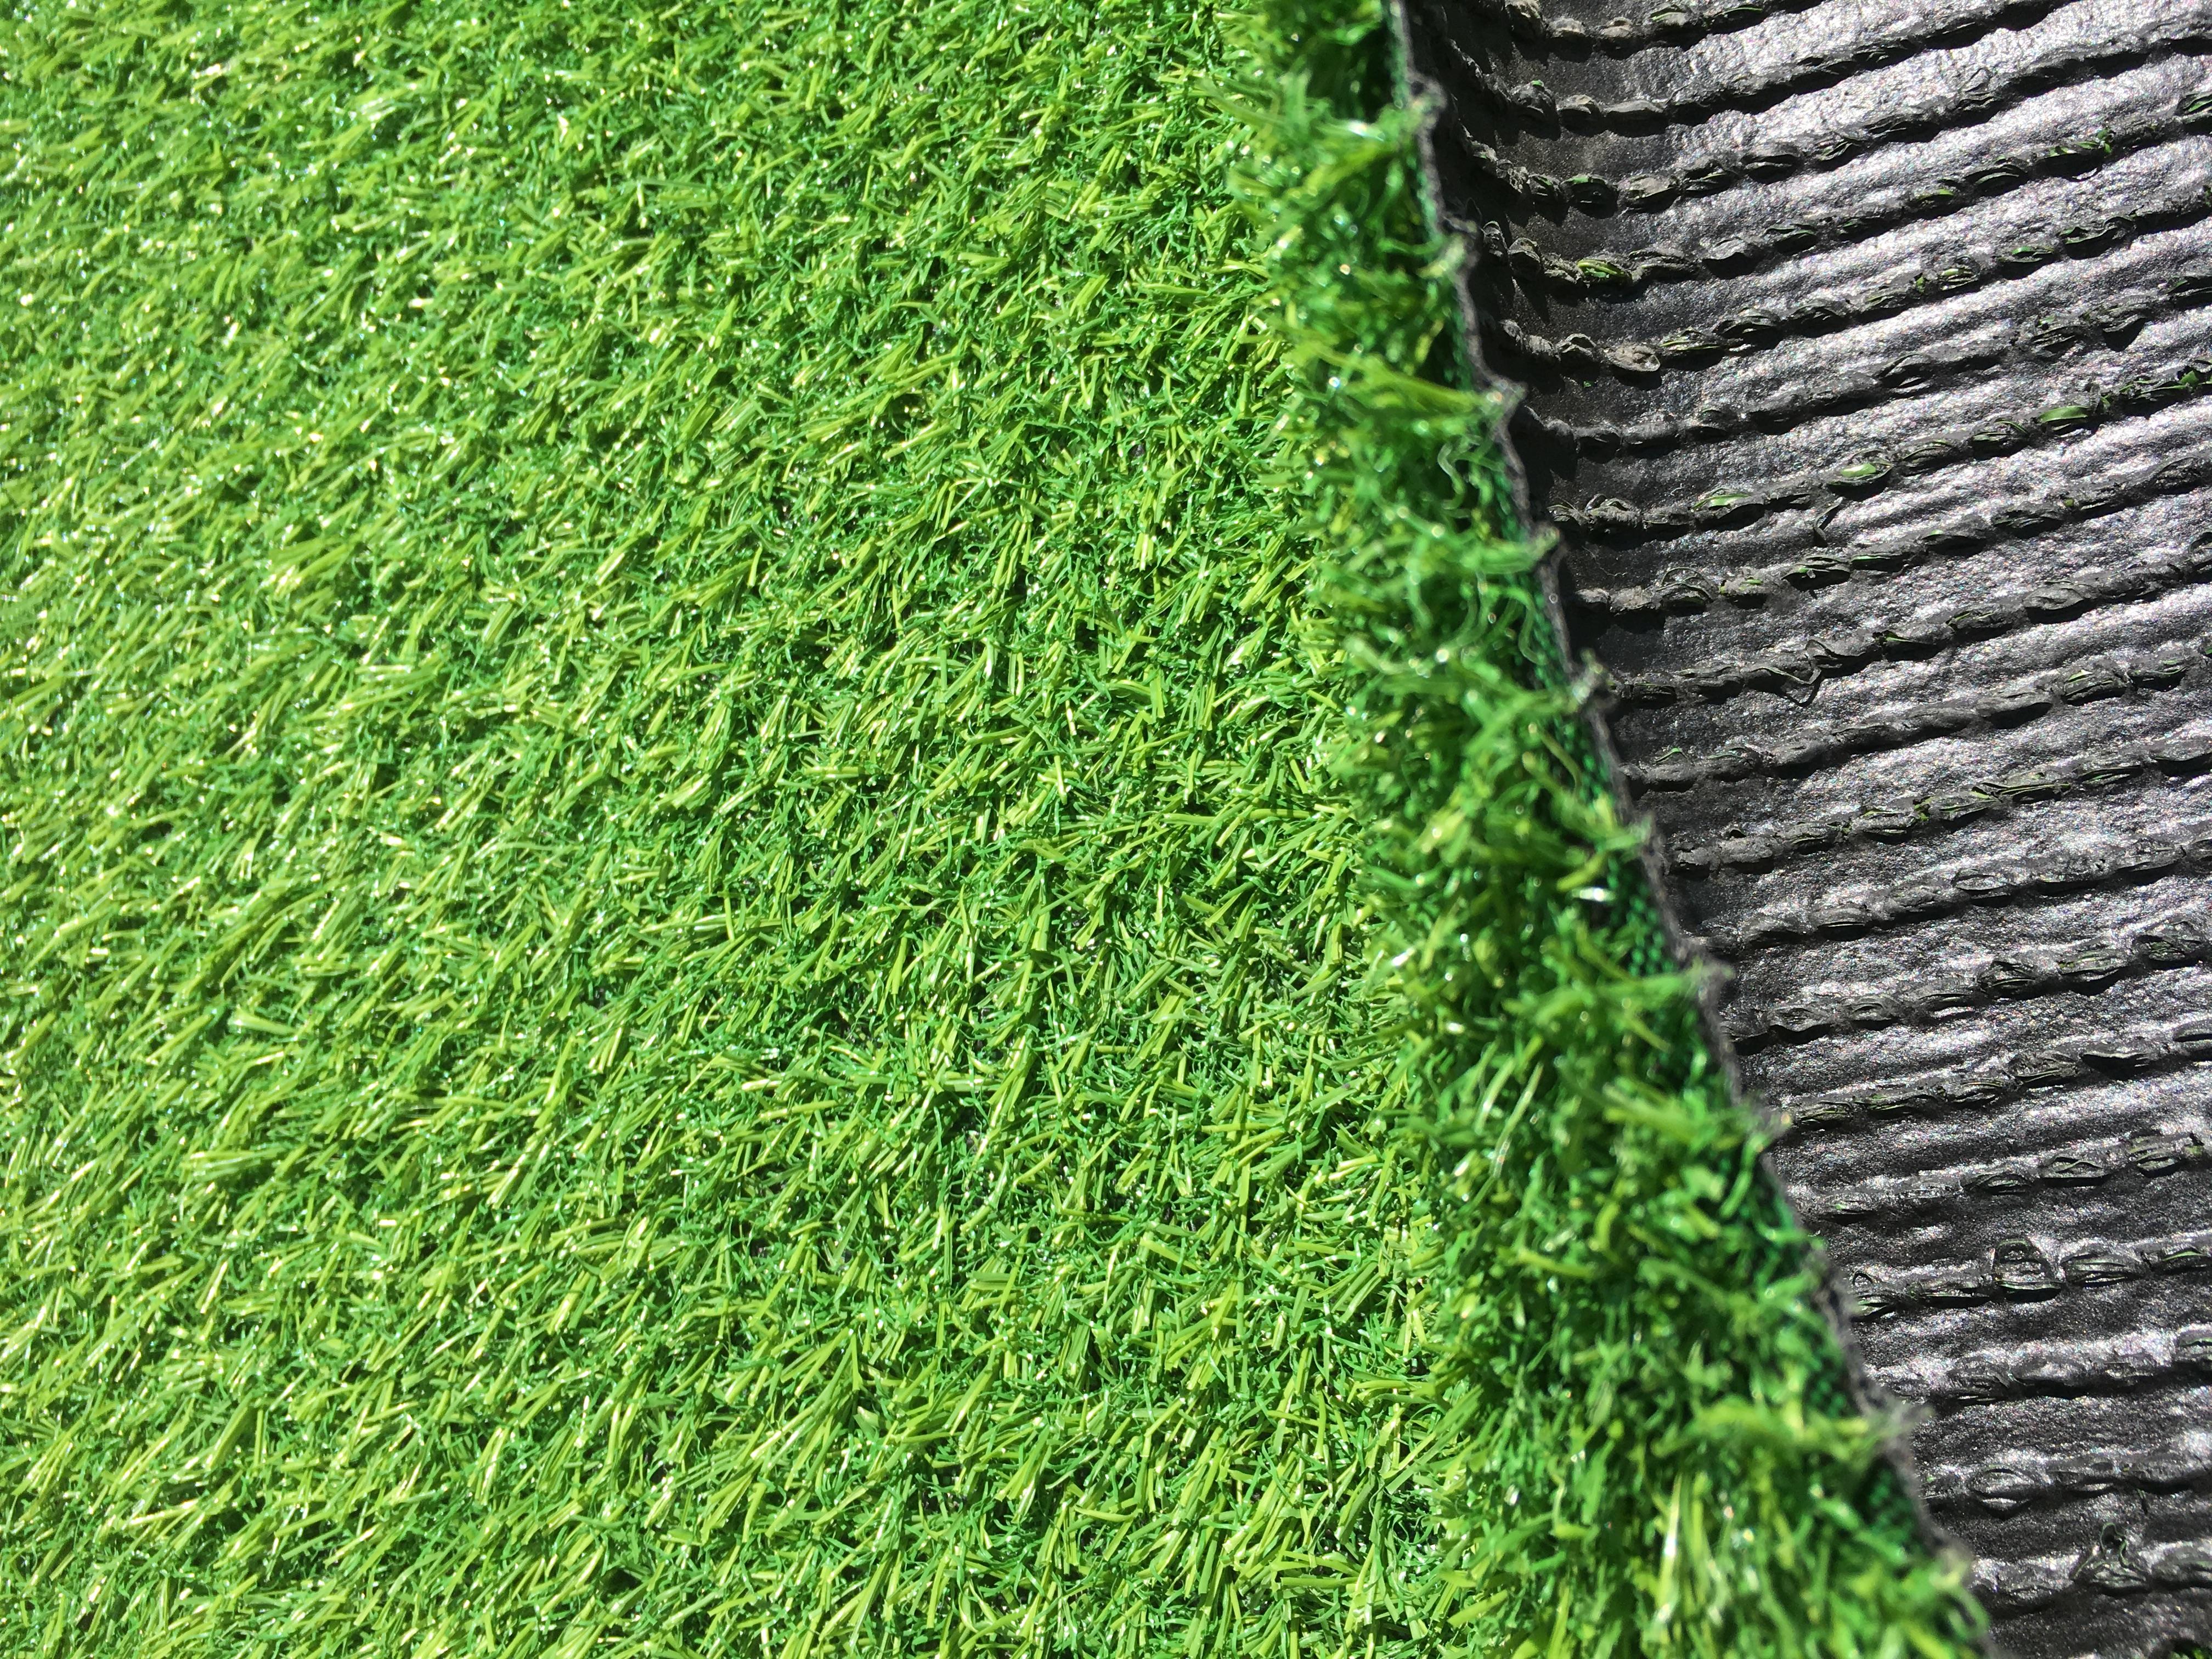 Covor Iarba Artificiala, Tip Gazon, Verde, Tropicana, 100% Polipropilena, 10 mm, 300x400 cm 2